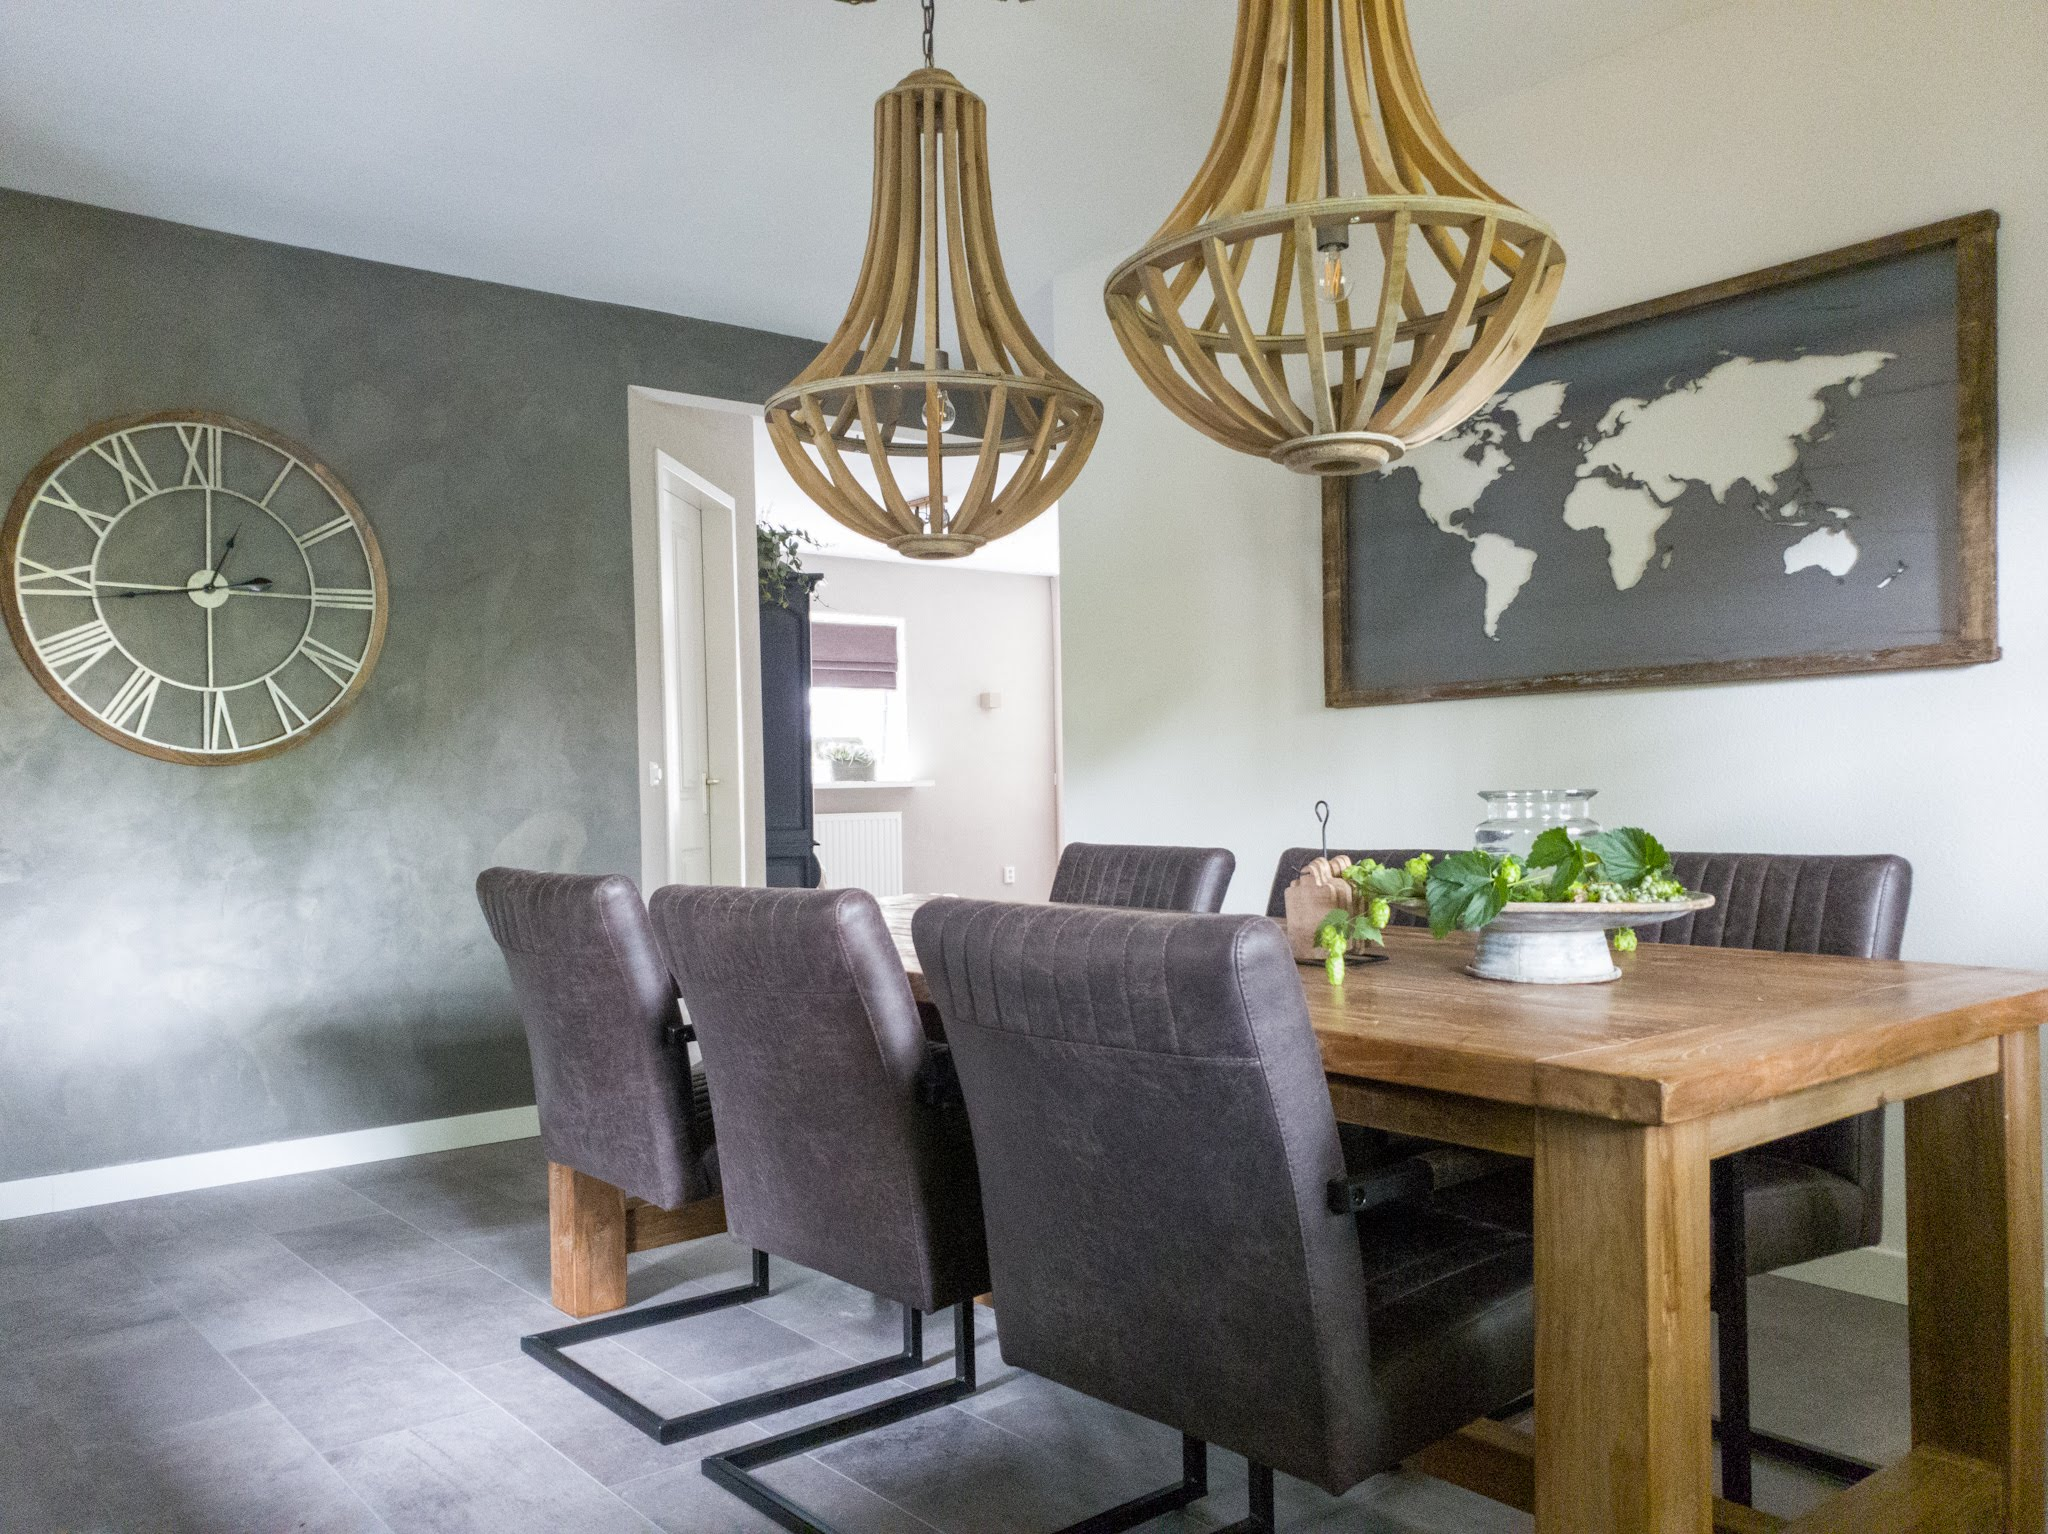 Landelijke herinrichting woonkamer keuken sandra's interieurstyling (9)